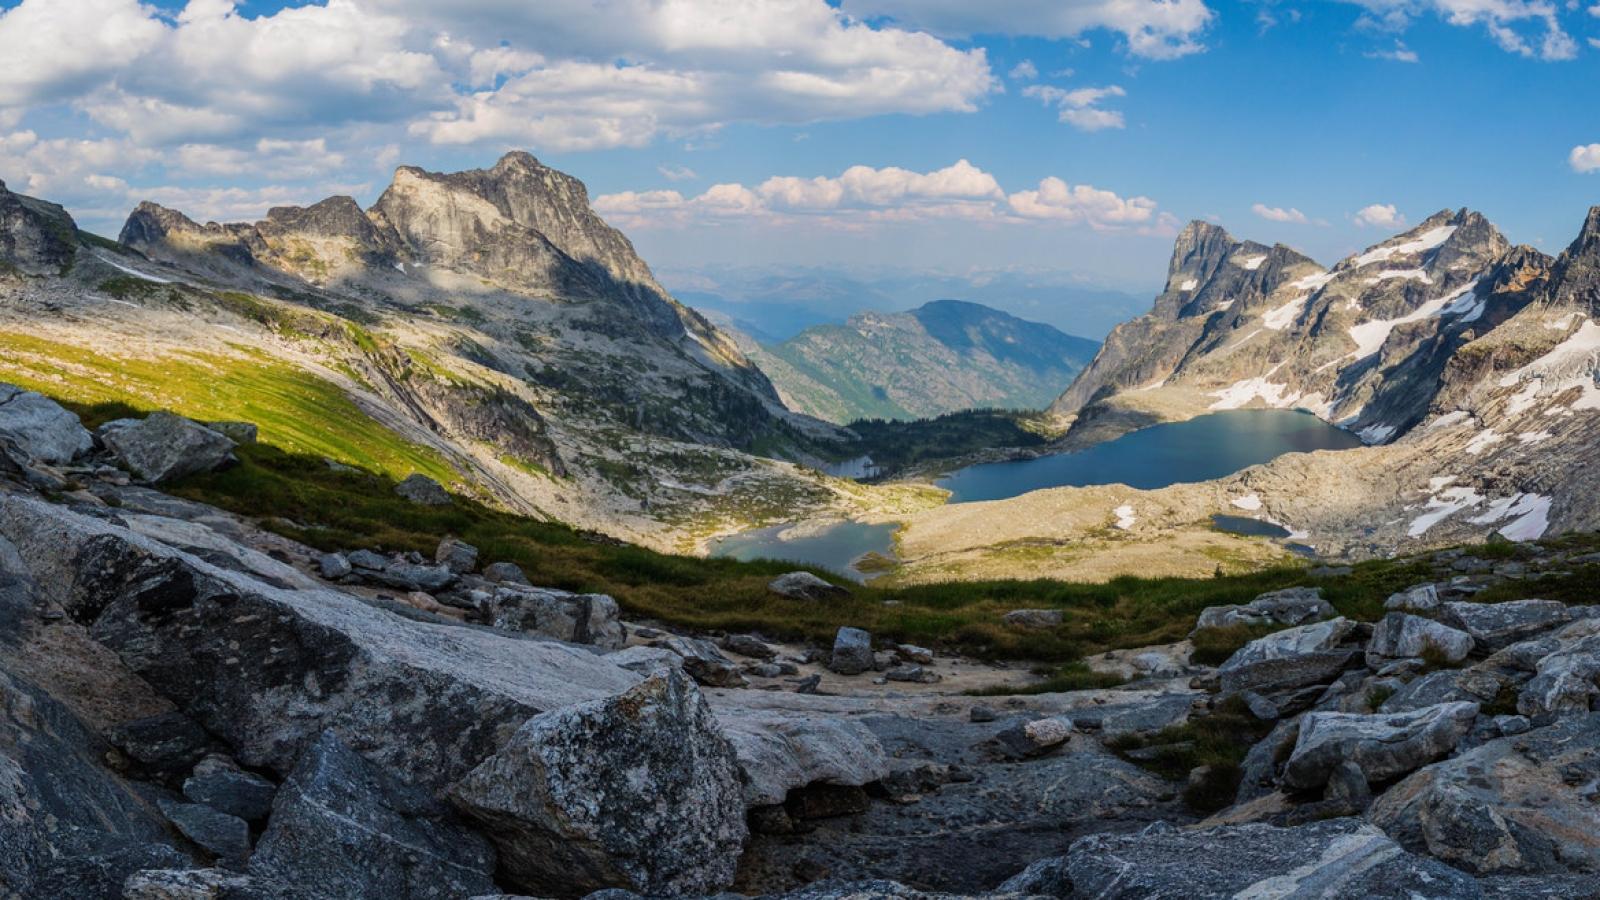 Panorámica de Montañas y lagos - 1600x900